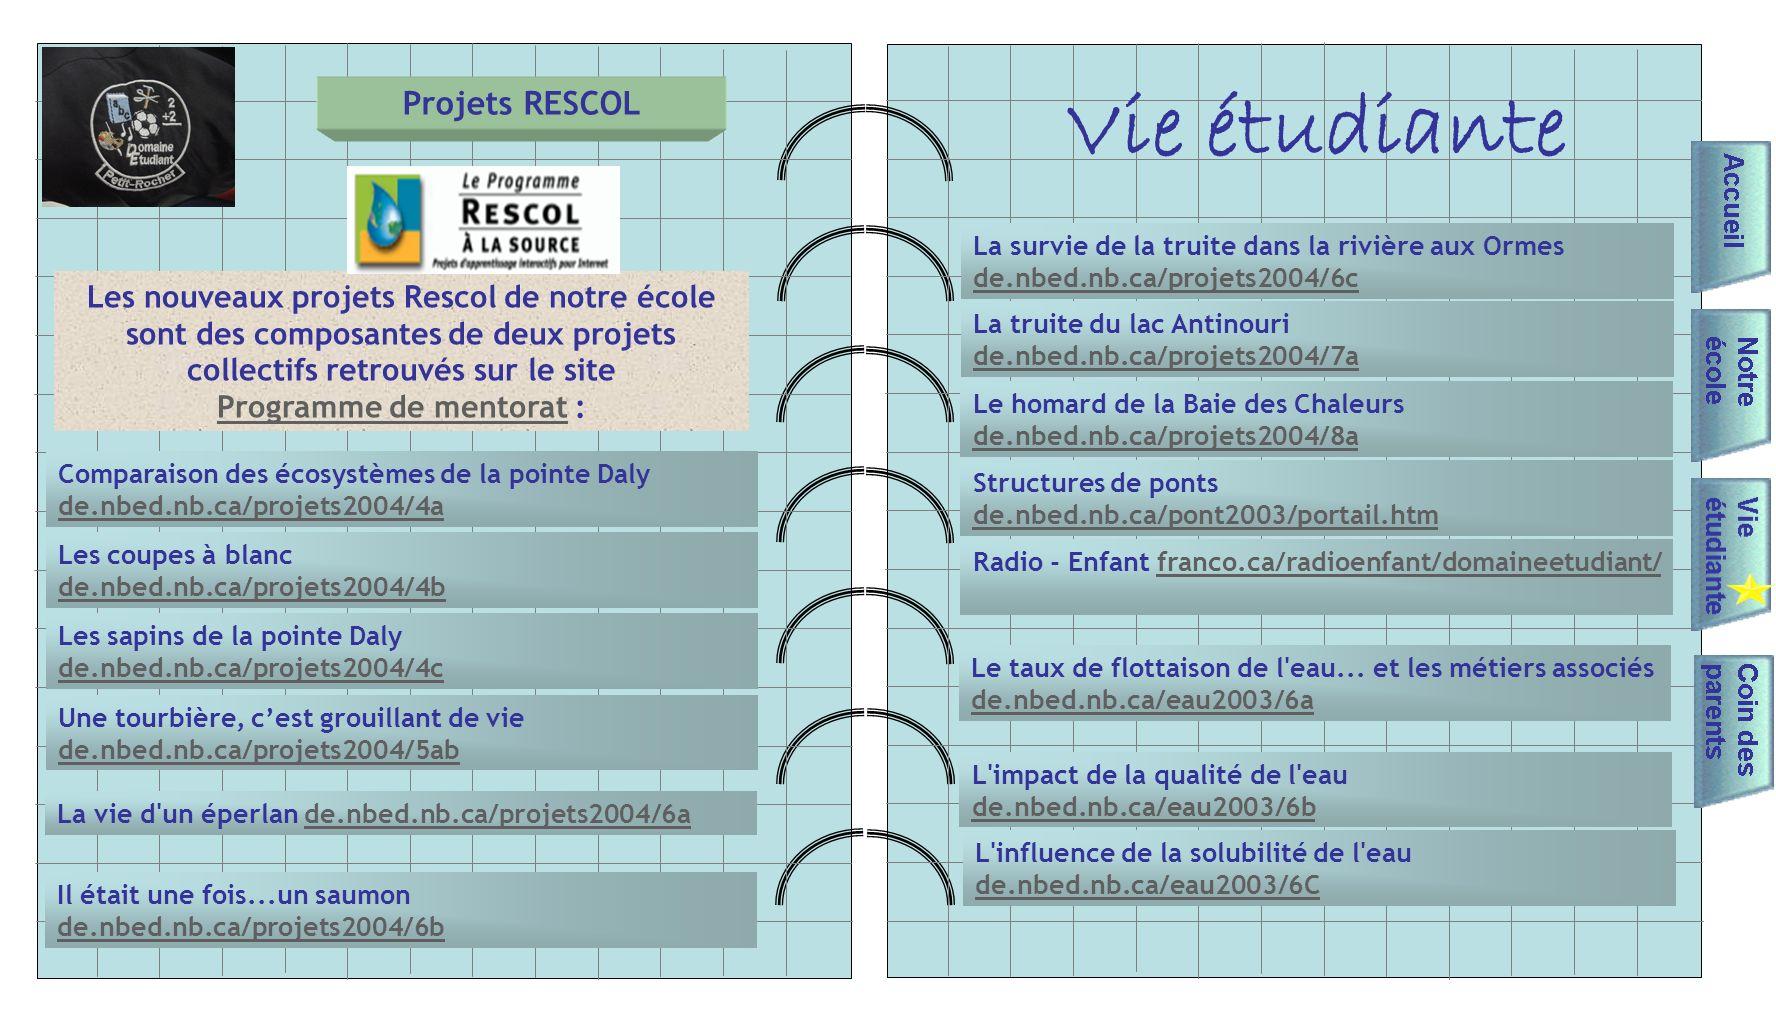 Vie étudiante Les nouveaux projets Rescol de notre école sont des composantes de deux projets collectifs retrouvés sur le site Programme de mentorat : Programme de mentorat Projets RESCOL Comparaison des écosystèmes de la pointe Daly de.nbed.nb.ca/projets2004/4a de.nbed.nb.ca/projets2004/4a Les coupes à blanc de.nbed.nb.ca/projets2004/4b de.nbed.nb.ca/projets2004/4b Les sapins de la pointe Daly de.nbed.nb.ca/projets2004/4c de.nbed.nb.ca/projets2004/4c Une tourbière, cest grouillant de vie de.nbed.nb.ca/projets2004/5ab de.nbed.nb.ca/projets2004/5ab La vie d un éperlan de.nbed.nb.ca/projets2004/6ade.nbed.nb.ca/projets2004/6a L influence de la solubilité de l eau de.nbed.nb.ca/eau2003/6C de.nbed.nb.ca/eau2003/6C Le homard de la Baie des Chaleurs de.nbed.nb.ca/projets2004/8a de.nbed.nb.ca/projets2004/8a Structures de ponts de.nbed.nb.ca/pont2003/portail.htm de.nbed.nb.ca/pont2003/portail.htm Radio - Enfant franco.ca/radioenfant/domaineetudiant/franco.ca/radioenfant/domaineetudiant/ Le taux de flottaison de l eau...